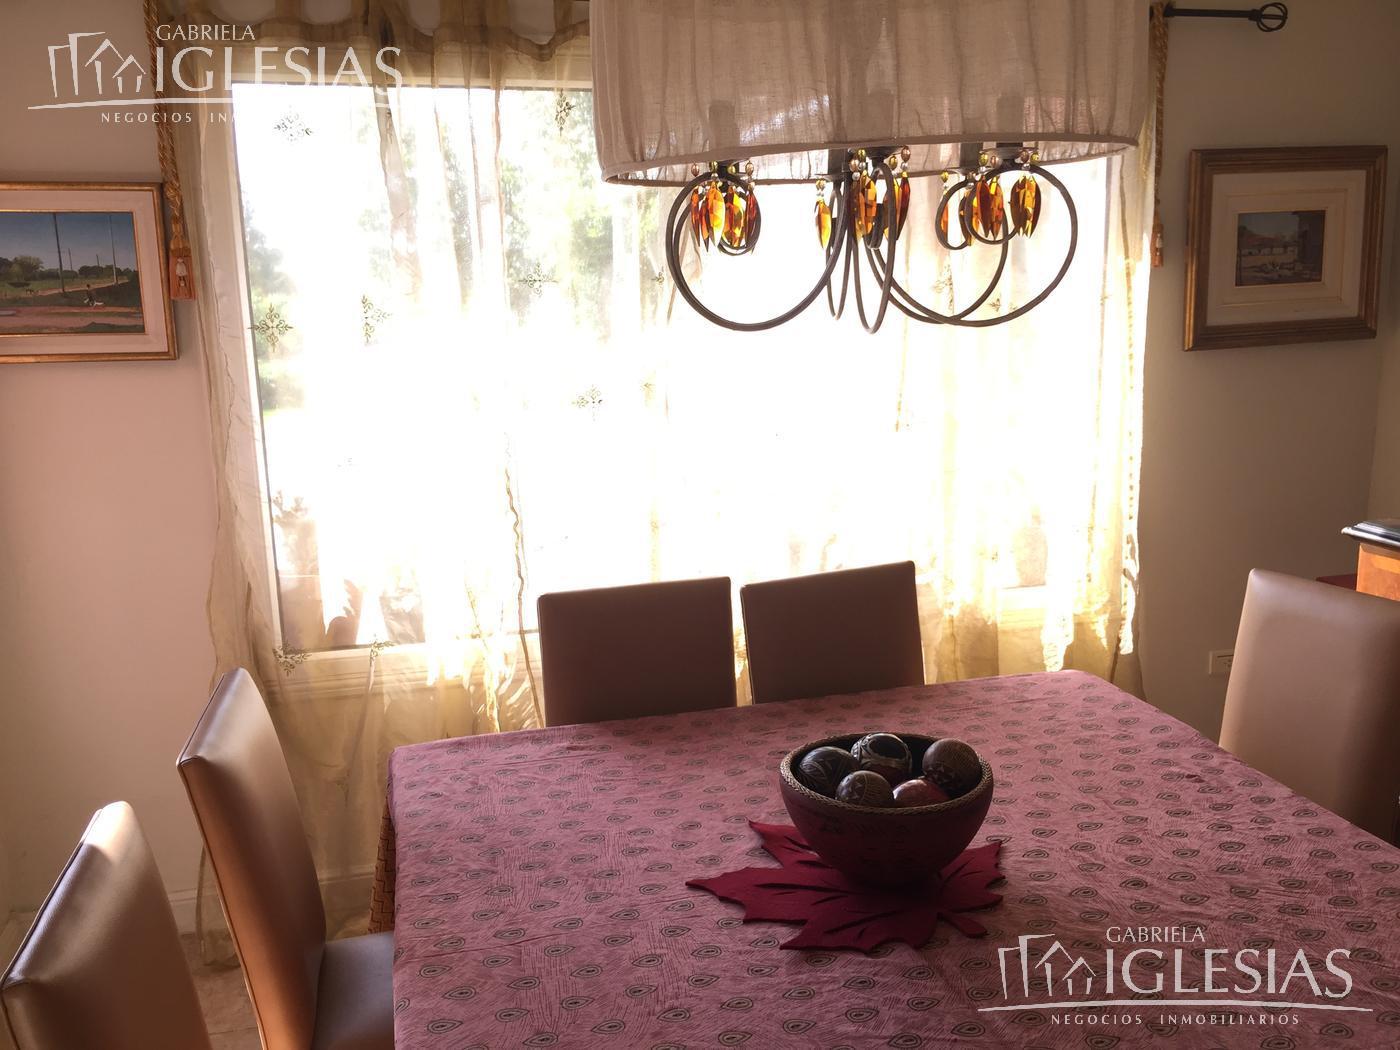 Casa en Venta Alquiler en Nordelta Los Castores a Venta - u$s 880.000 Alquiler - $ 65.000